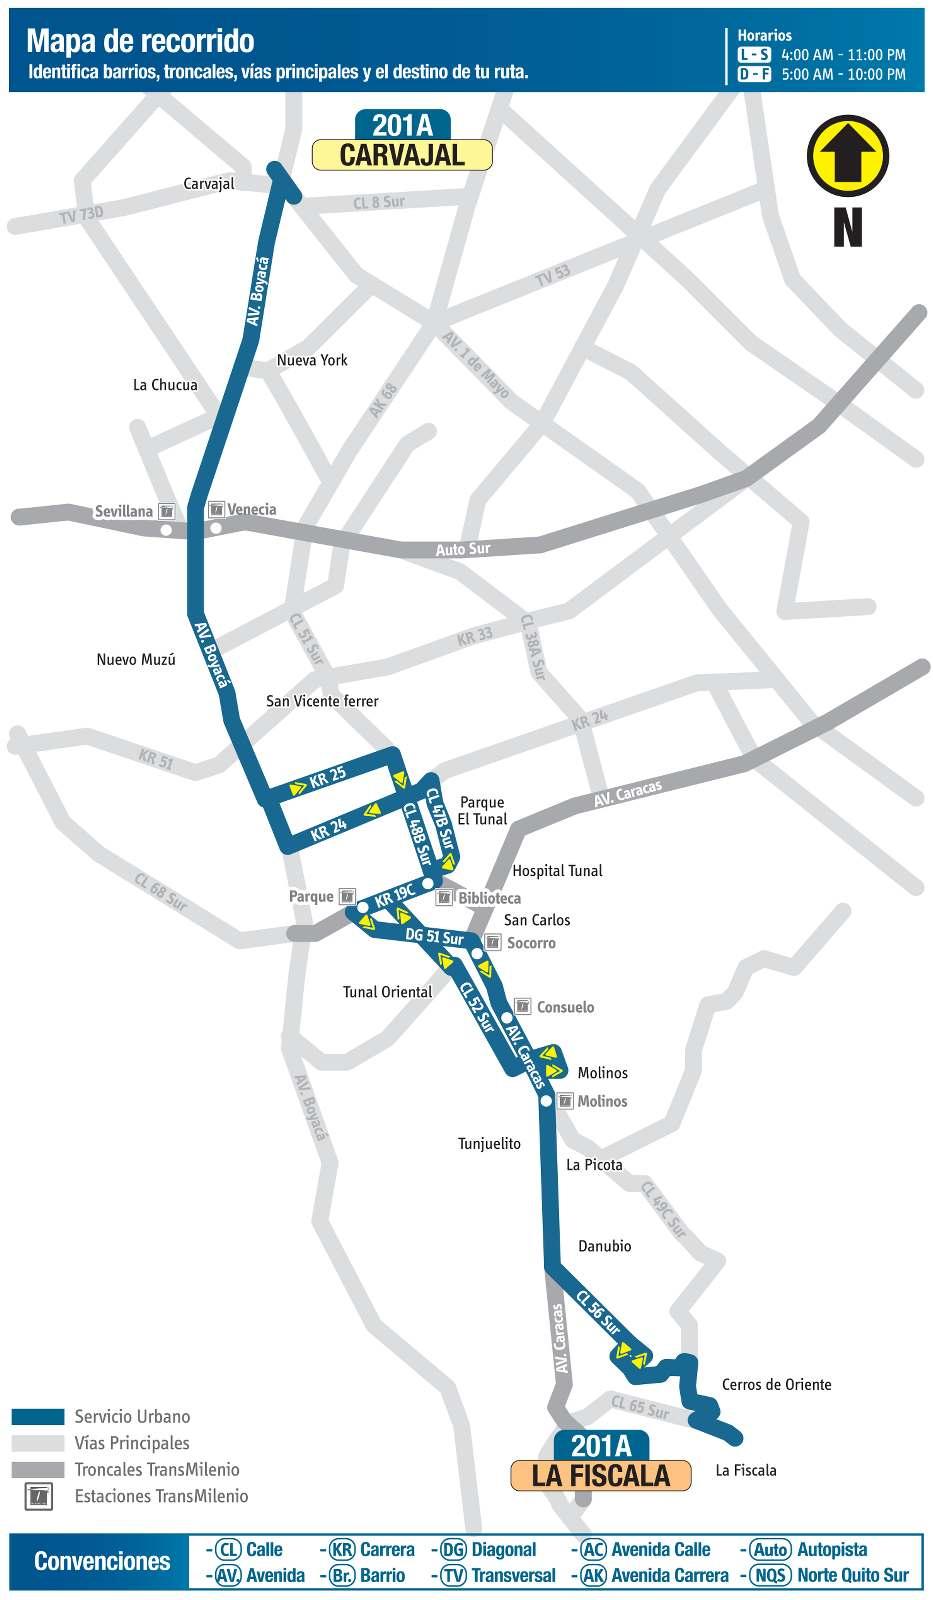 201A > Carvajal - La Fiscala (mapa)